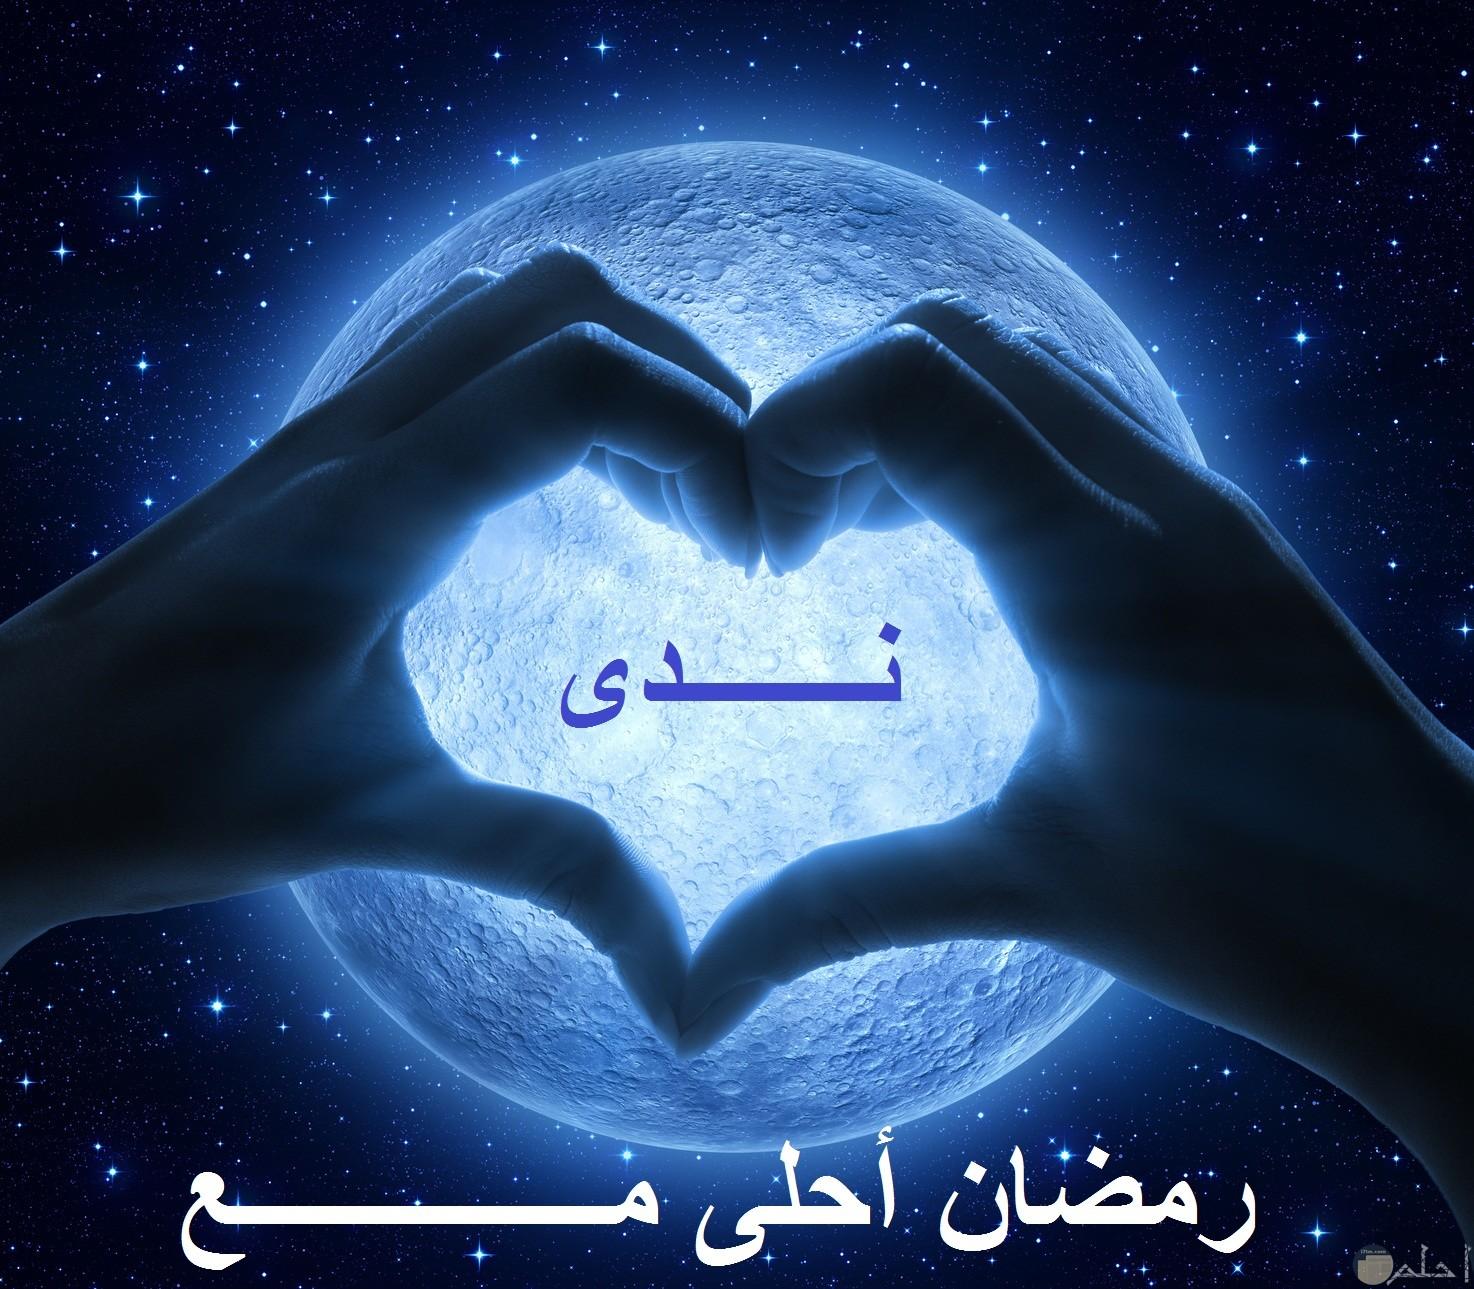 قمر و قلب و اسم ندى.